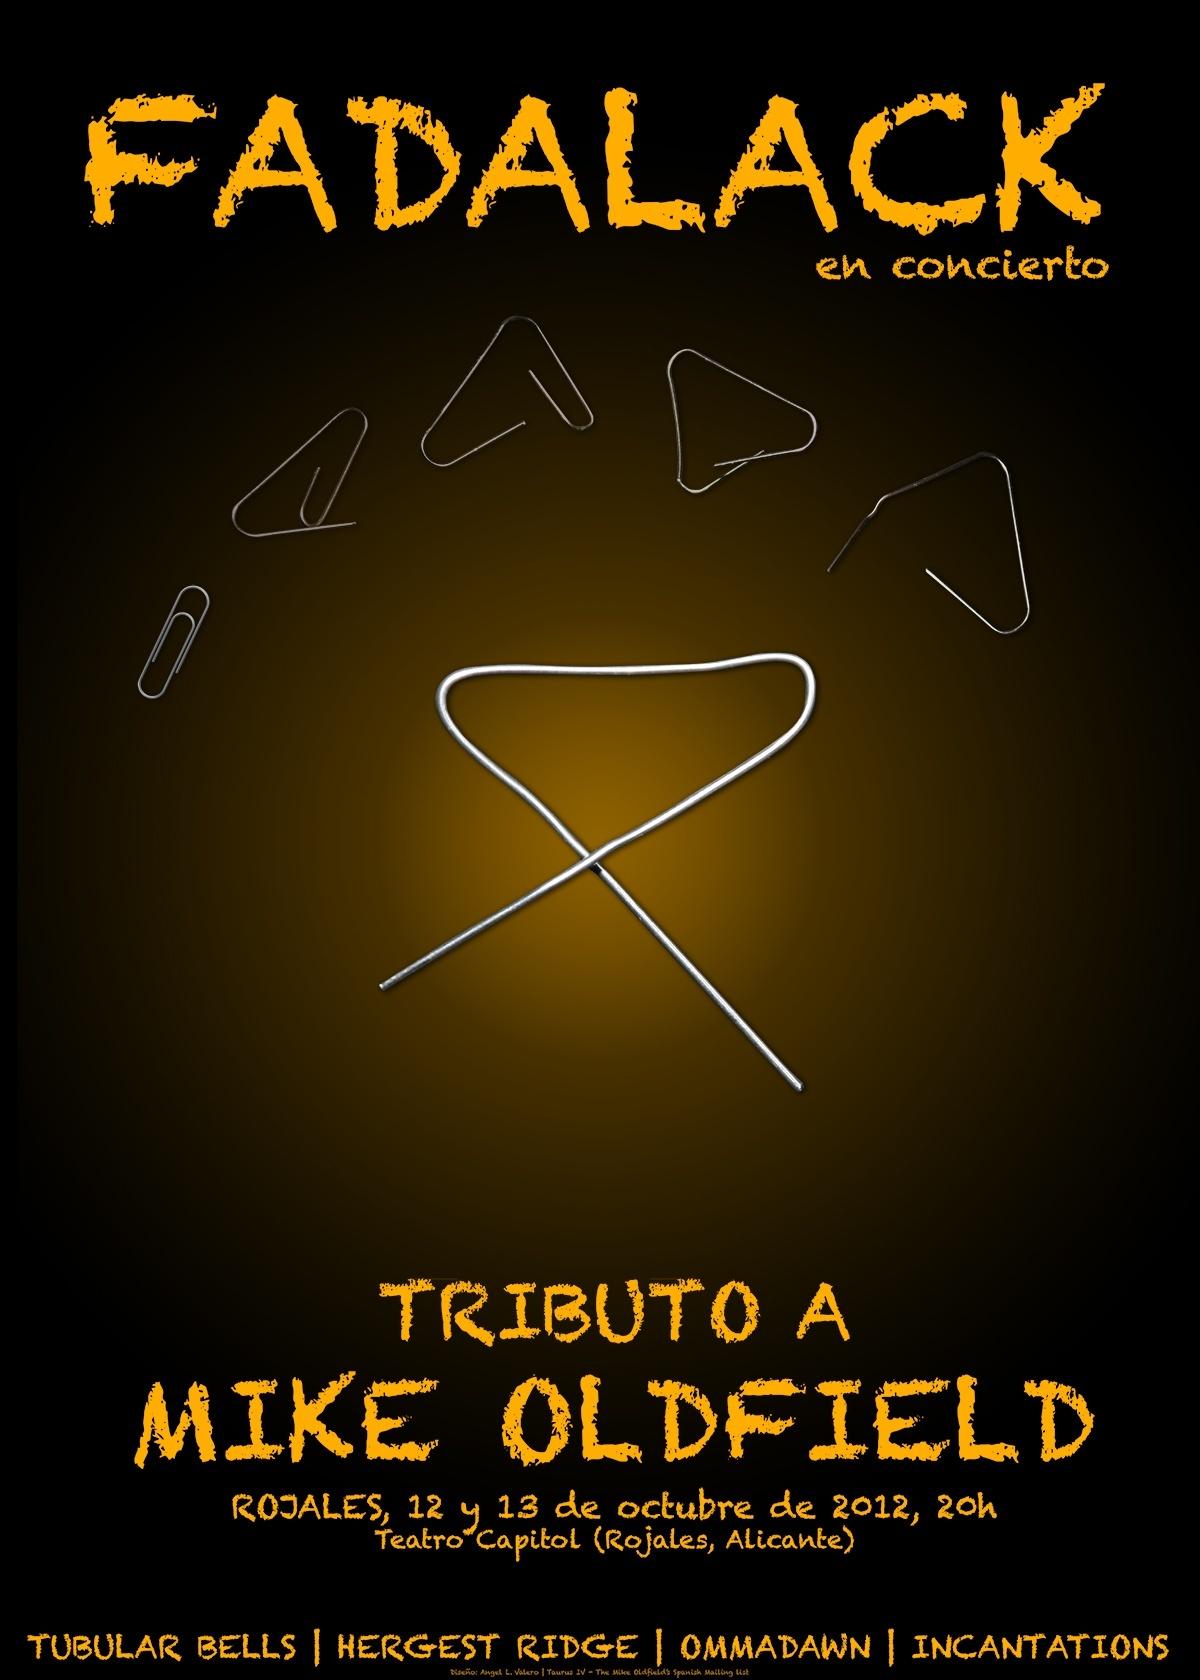 Cartel del concierto de Rojales